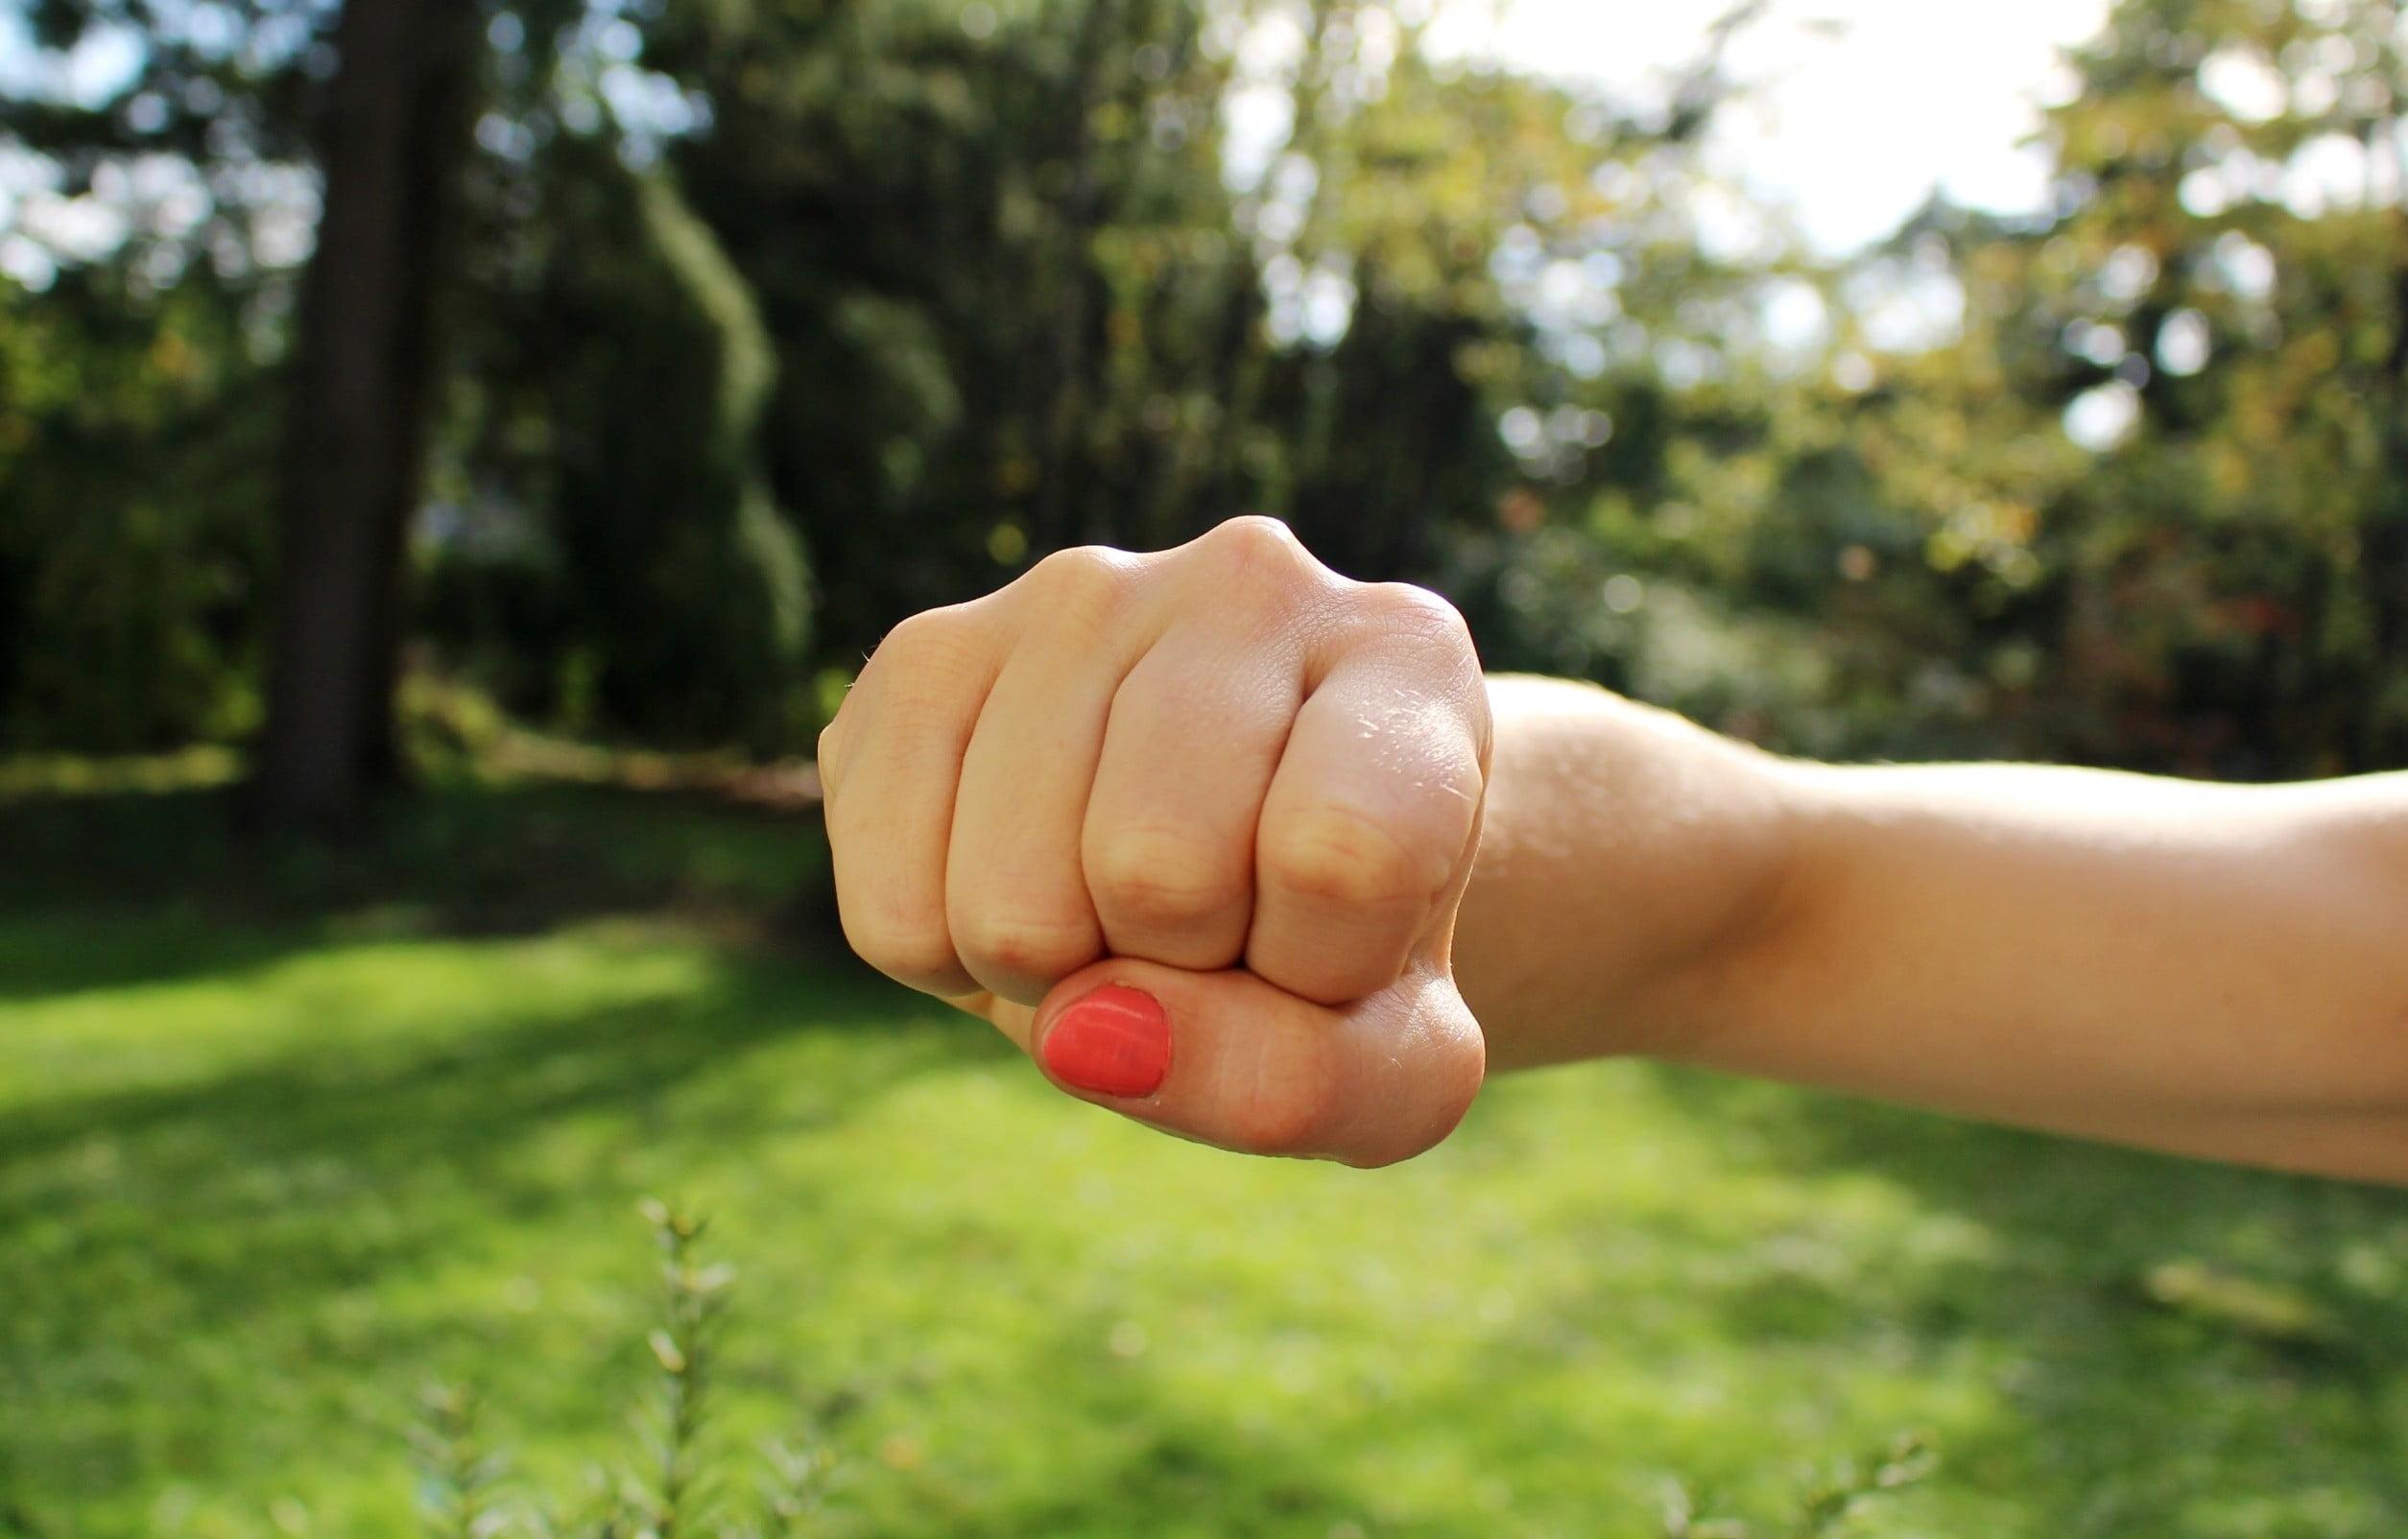 Kobiece ręka ułożona do uderzenia. Dłoń zaciśnięta w pięść, wskazuje na złość i frustrację